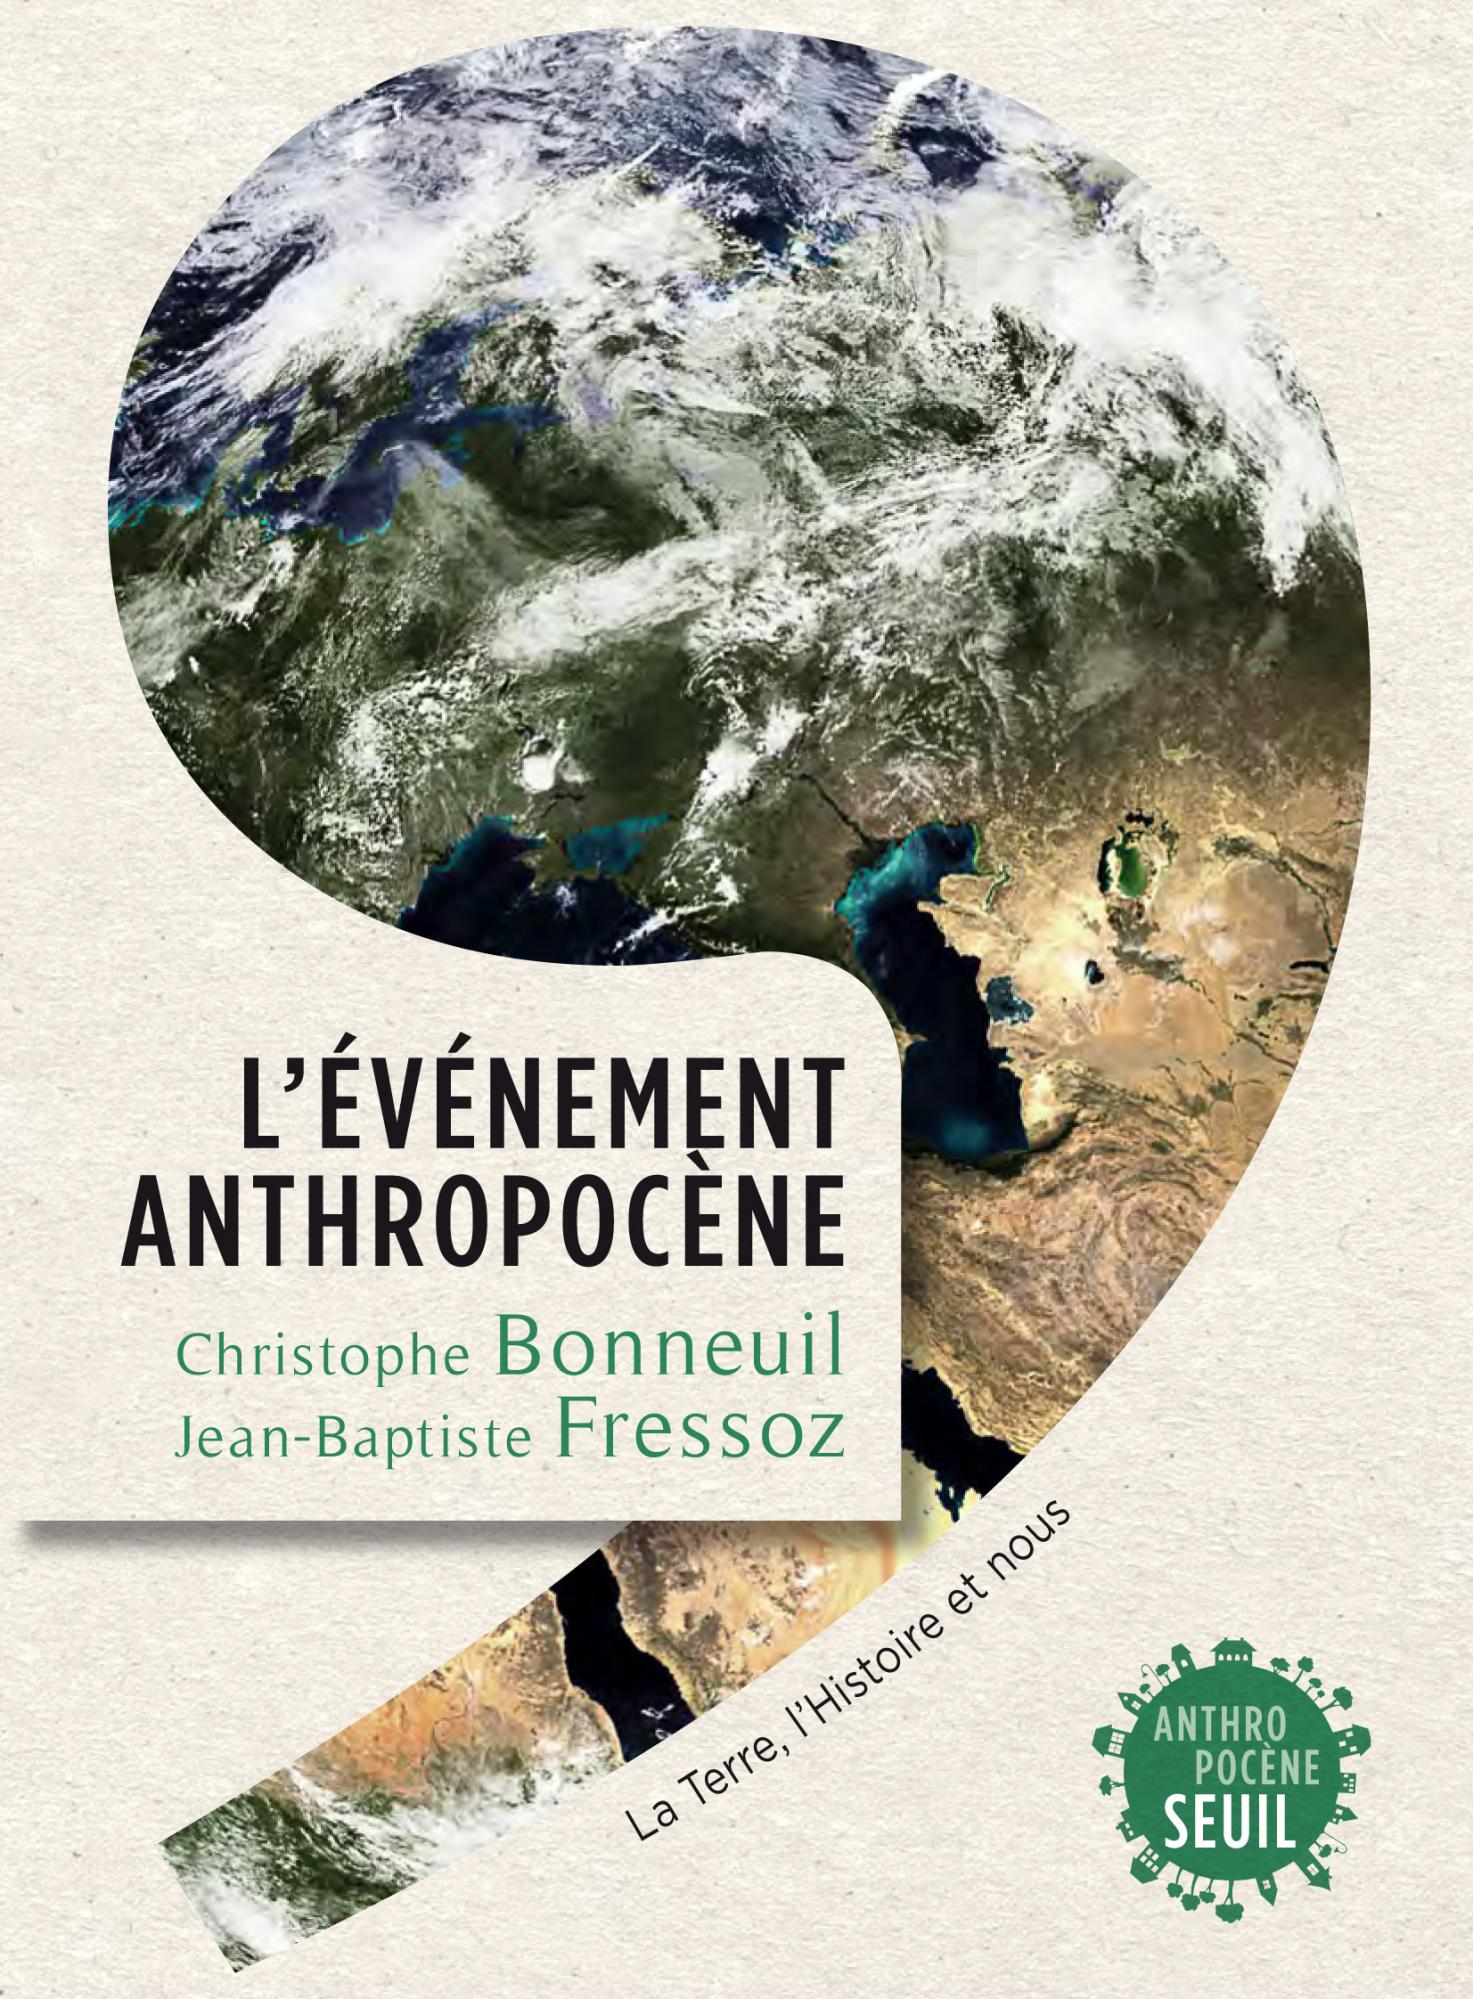 L'événement Anthropocène